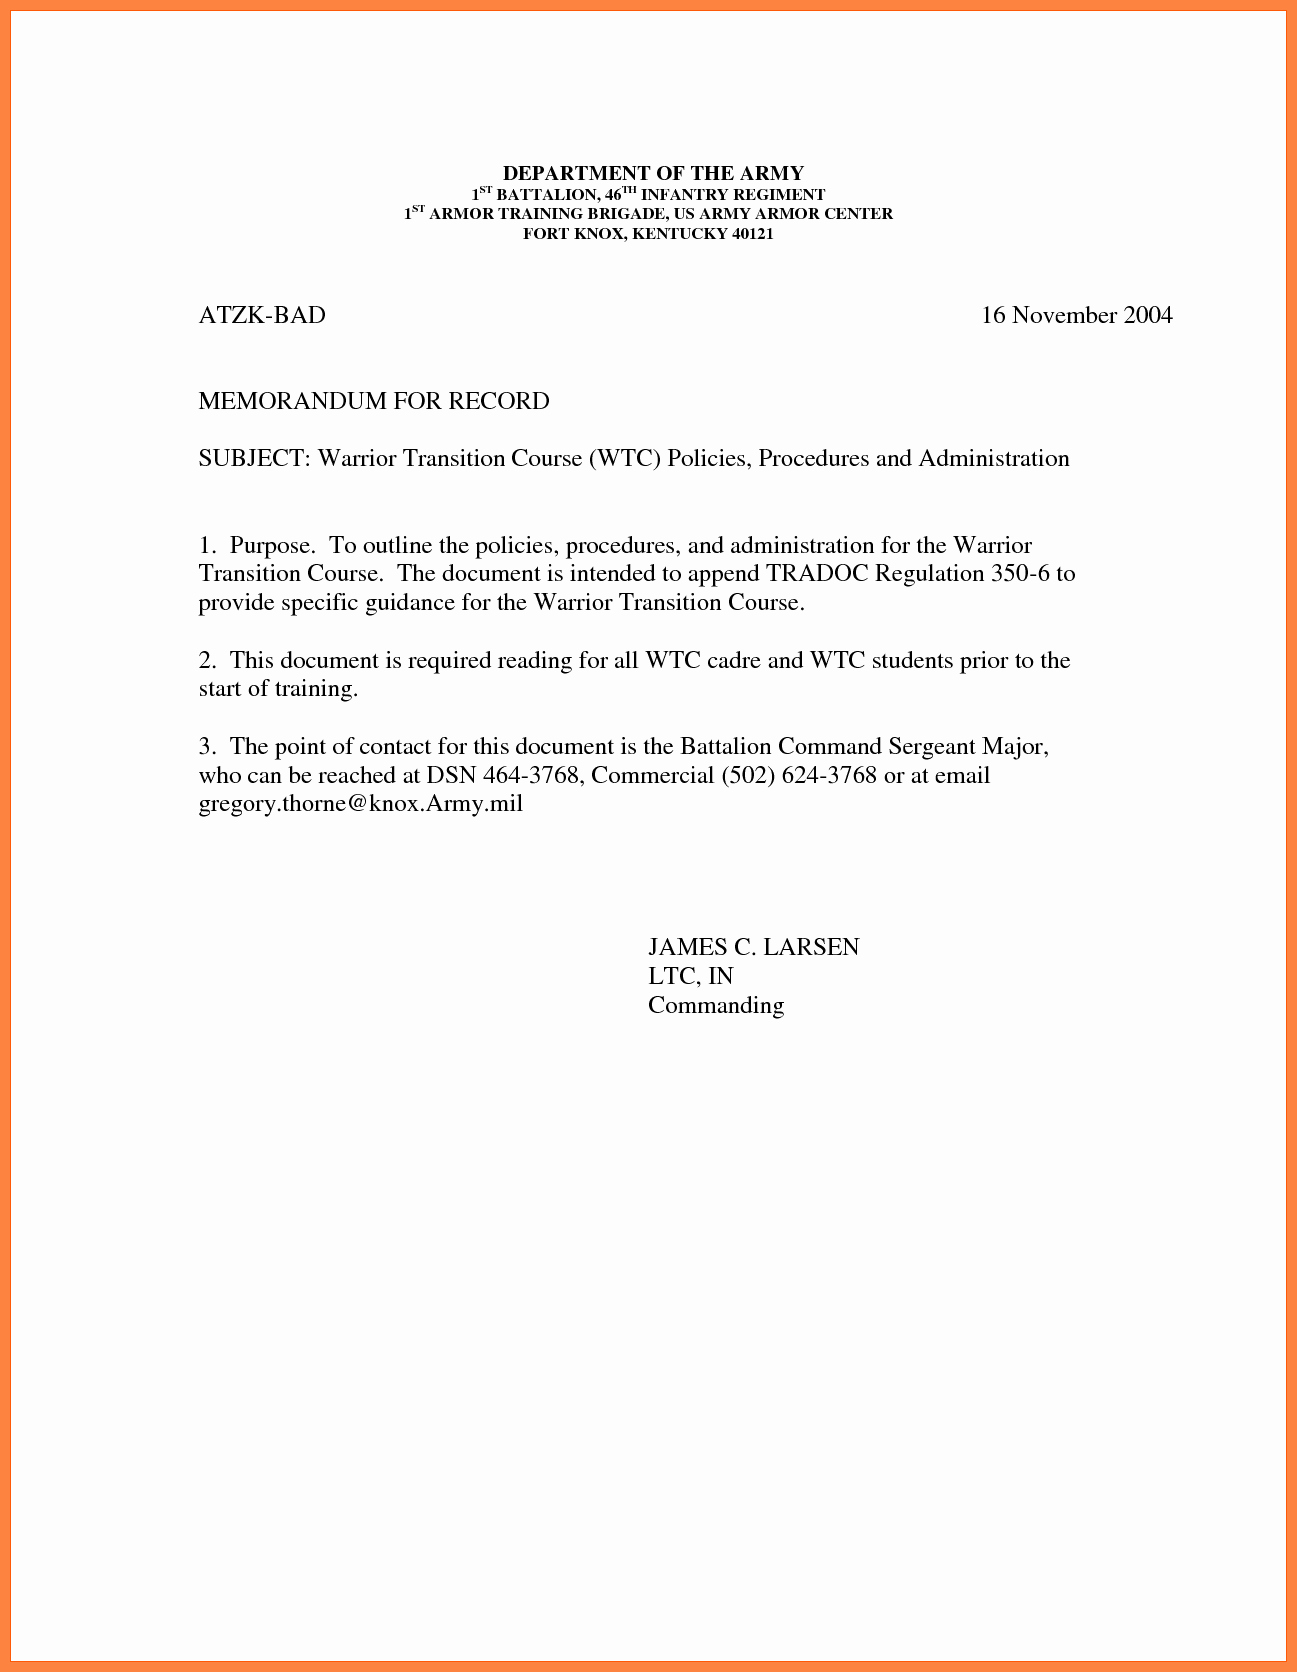 Army Memorandum for Record Template Elegant 9 Memorandum for Record Army